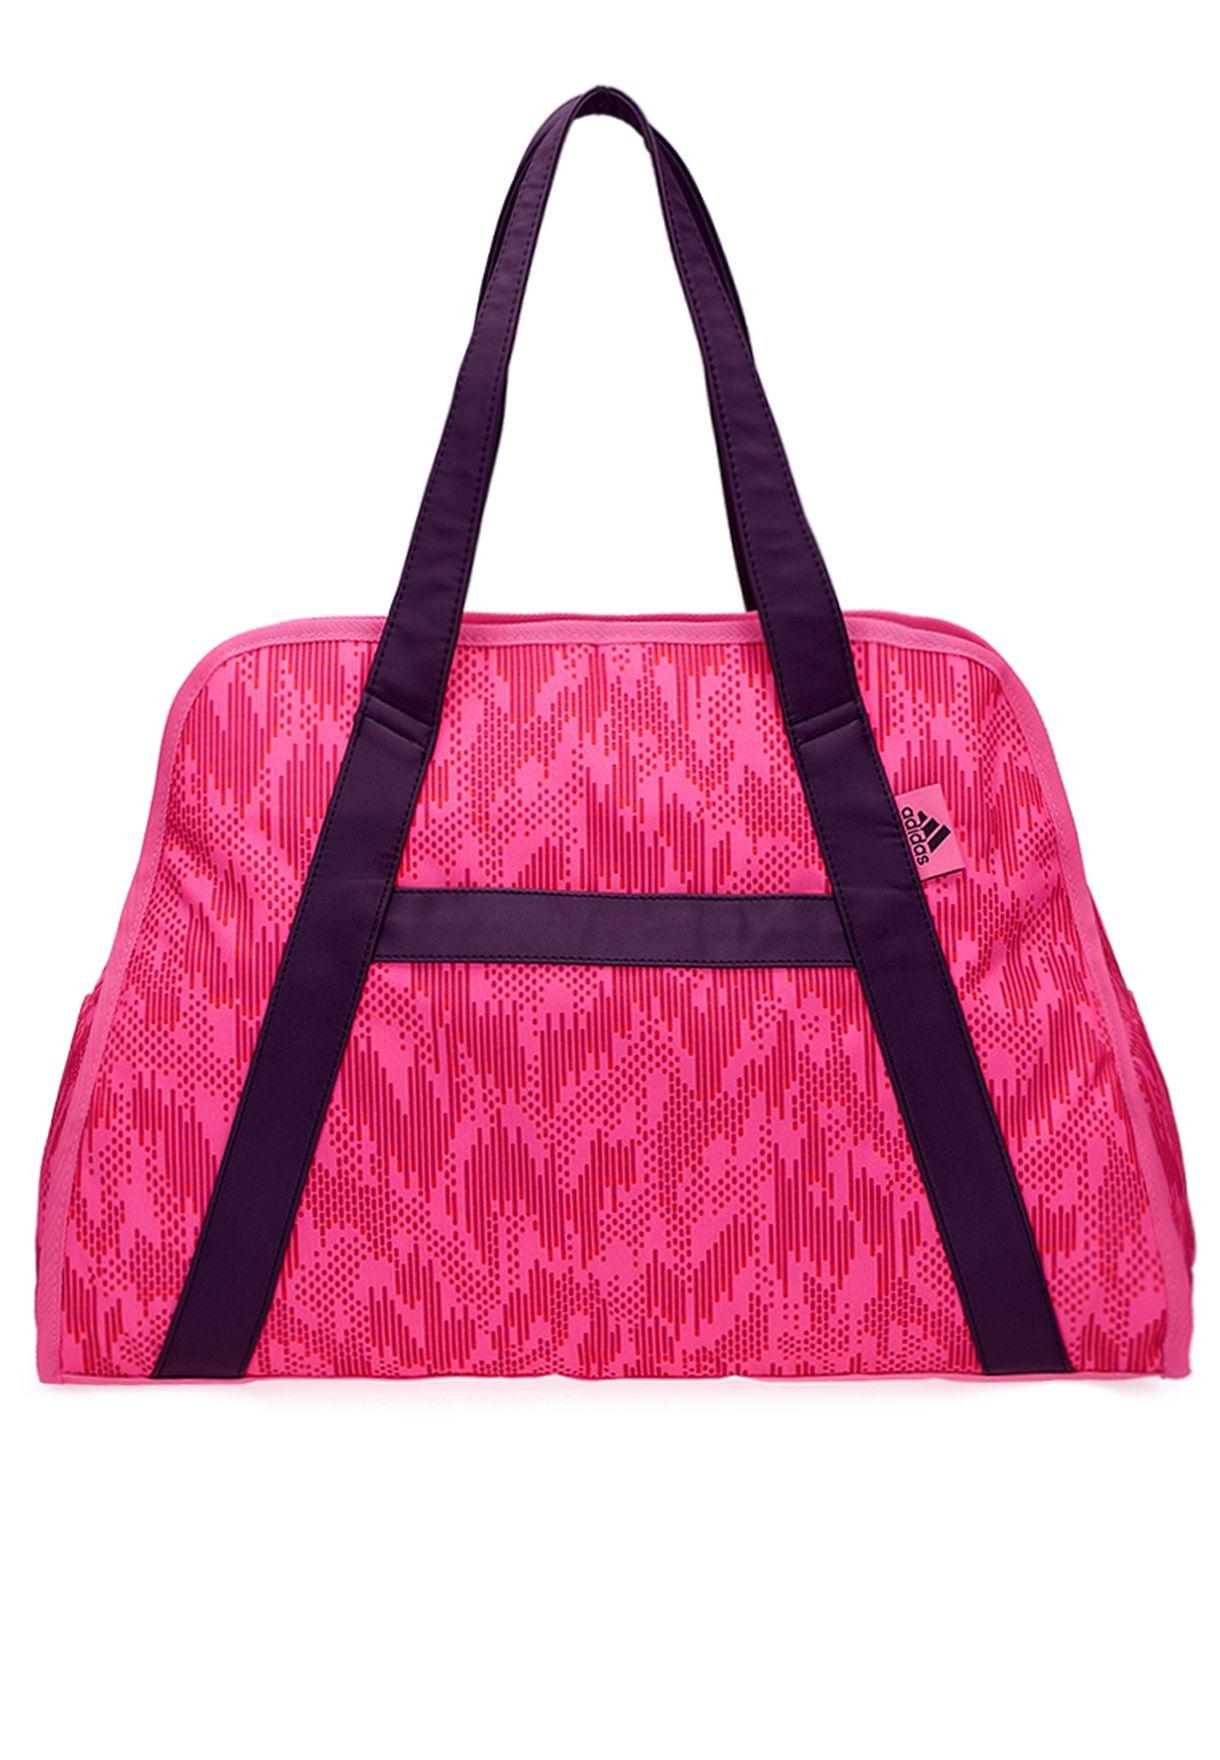 7e91892e1 تسوق حقيبة اديداس ماركة اديداس لون وردي G68618 في قطر - AD476AC69EHQ